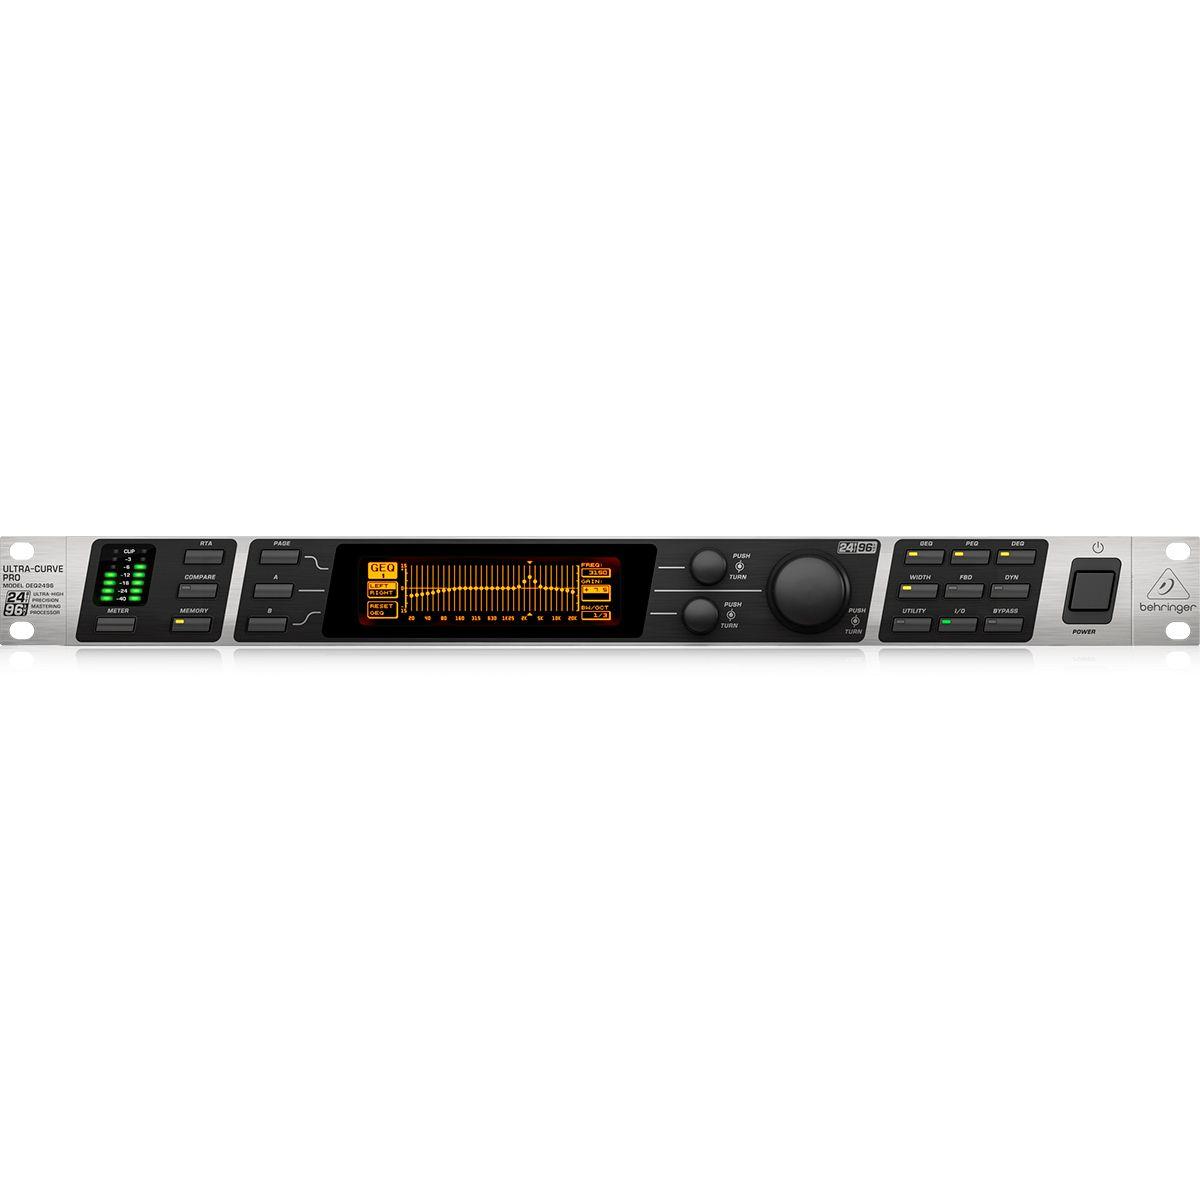 Equalizador Behringer UltraCurve Pro DEQ2496